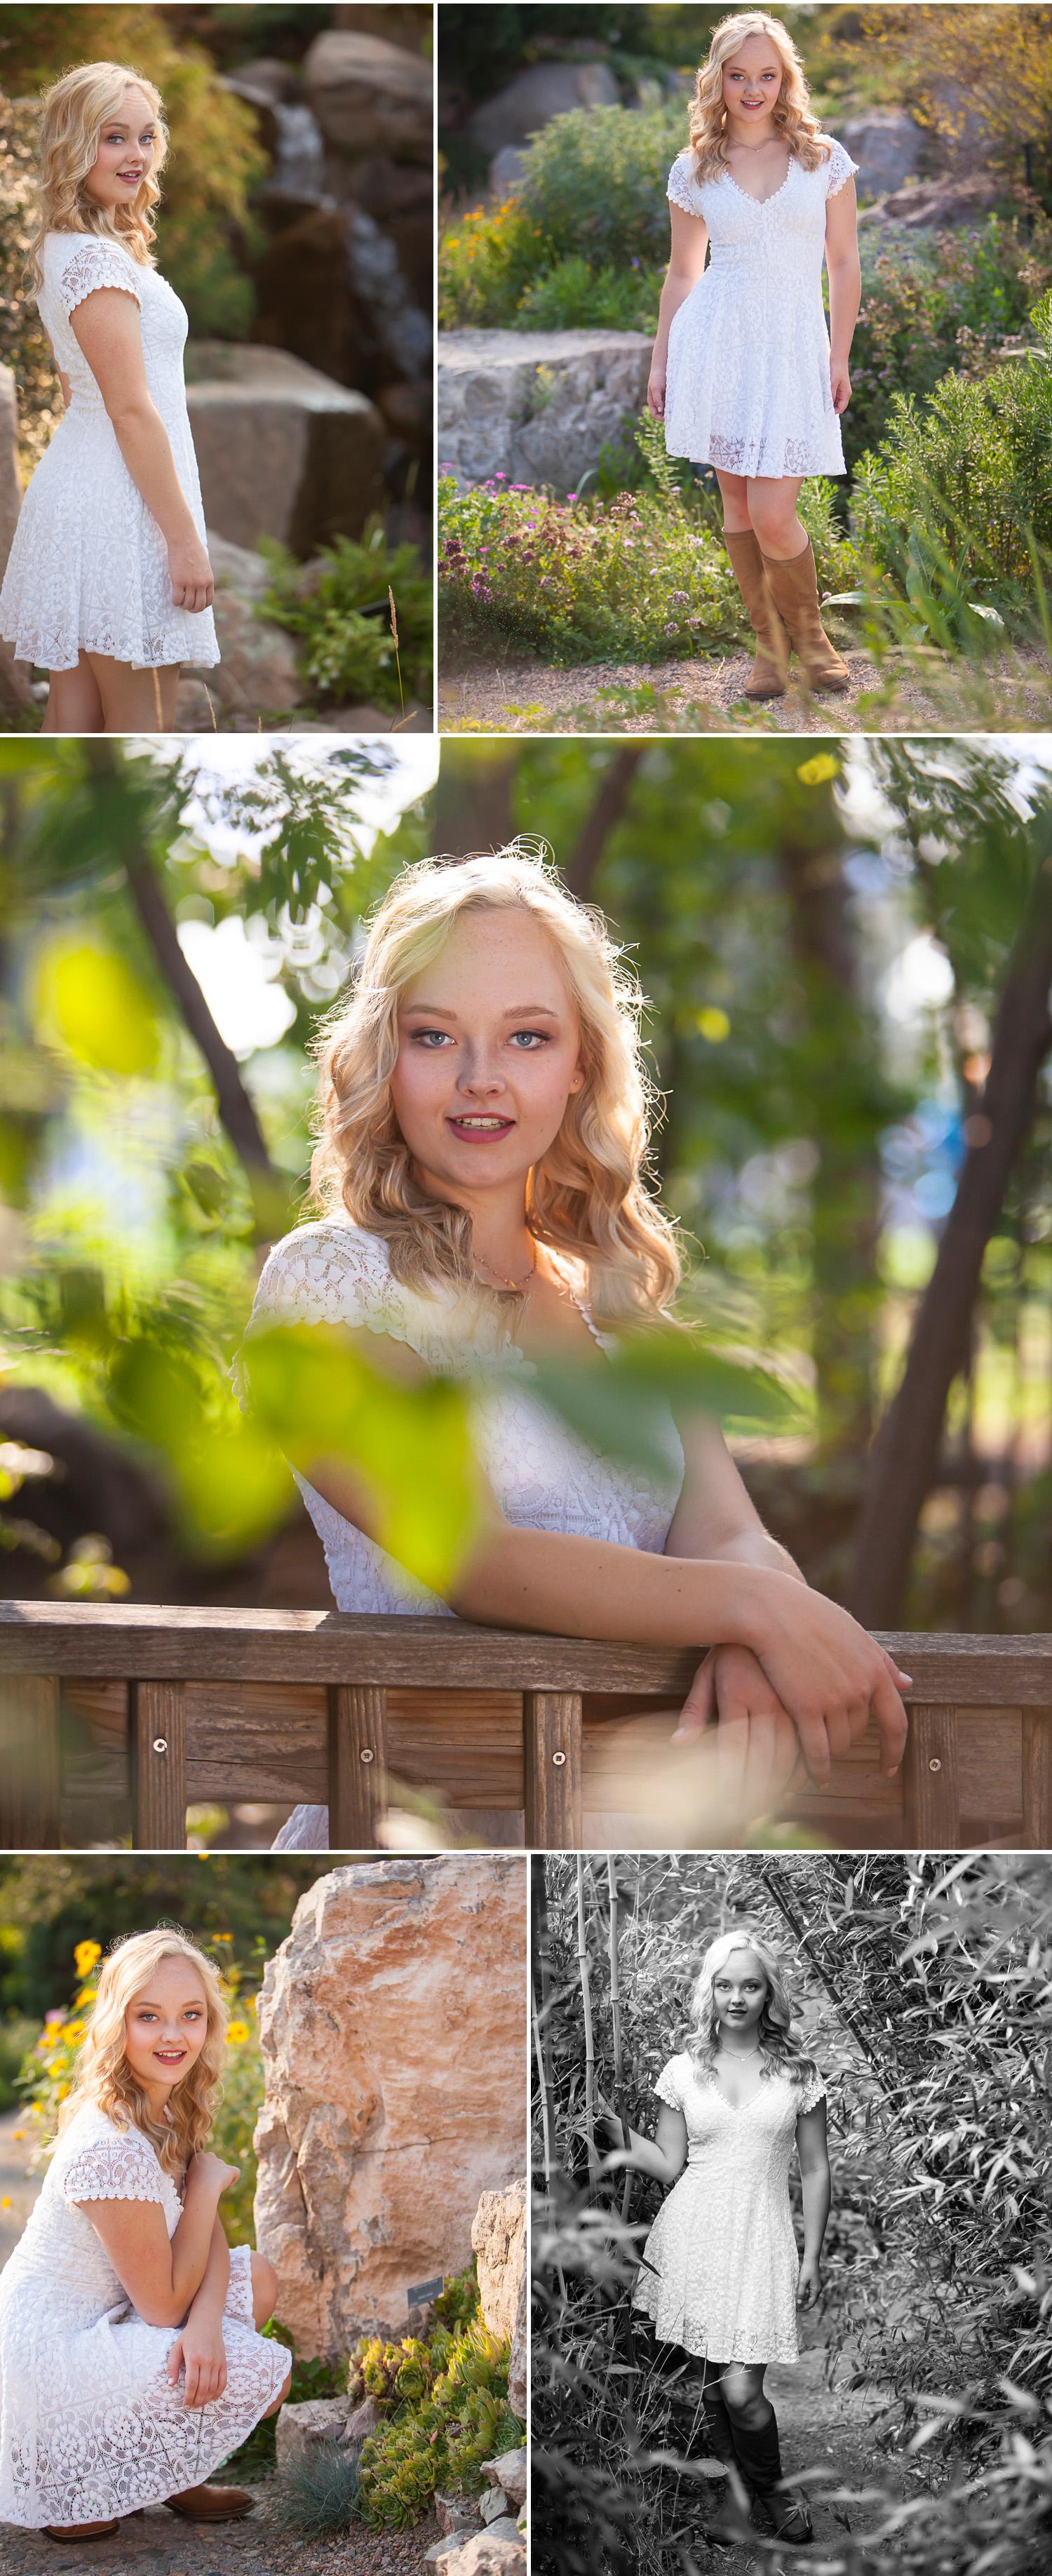 High school senior pictures outside in summer at the Denver Botanic Gardens with photographer Jennifer Koskinen, Merritt Portrait Studio